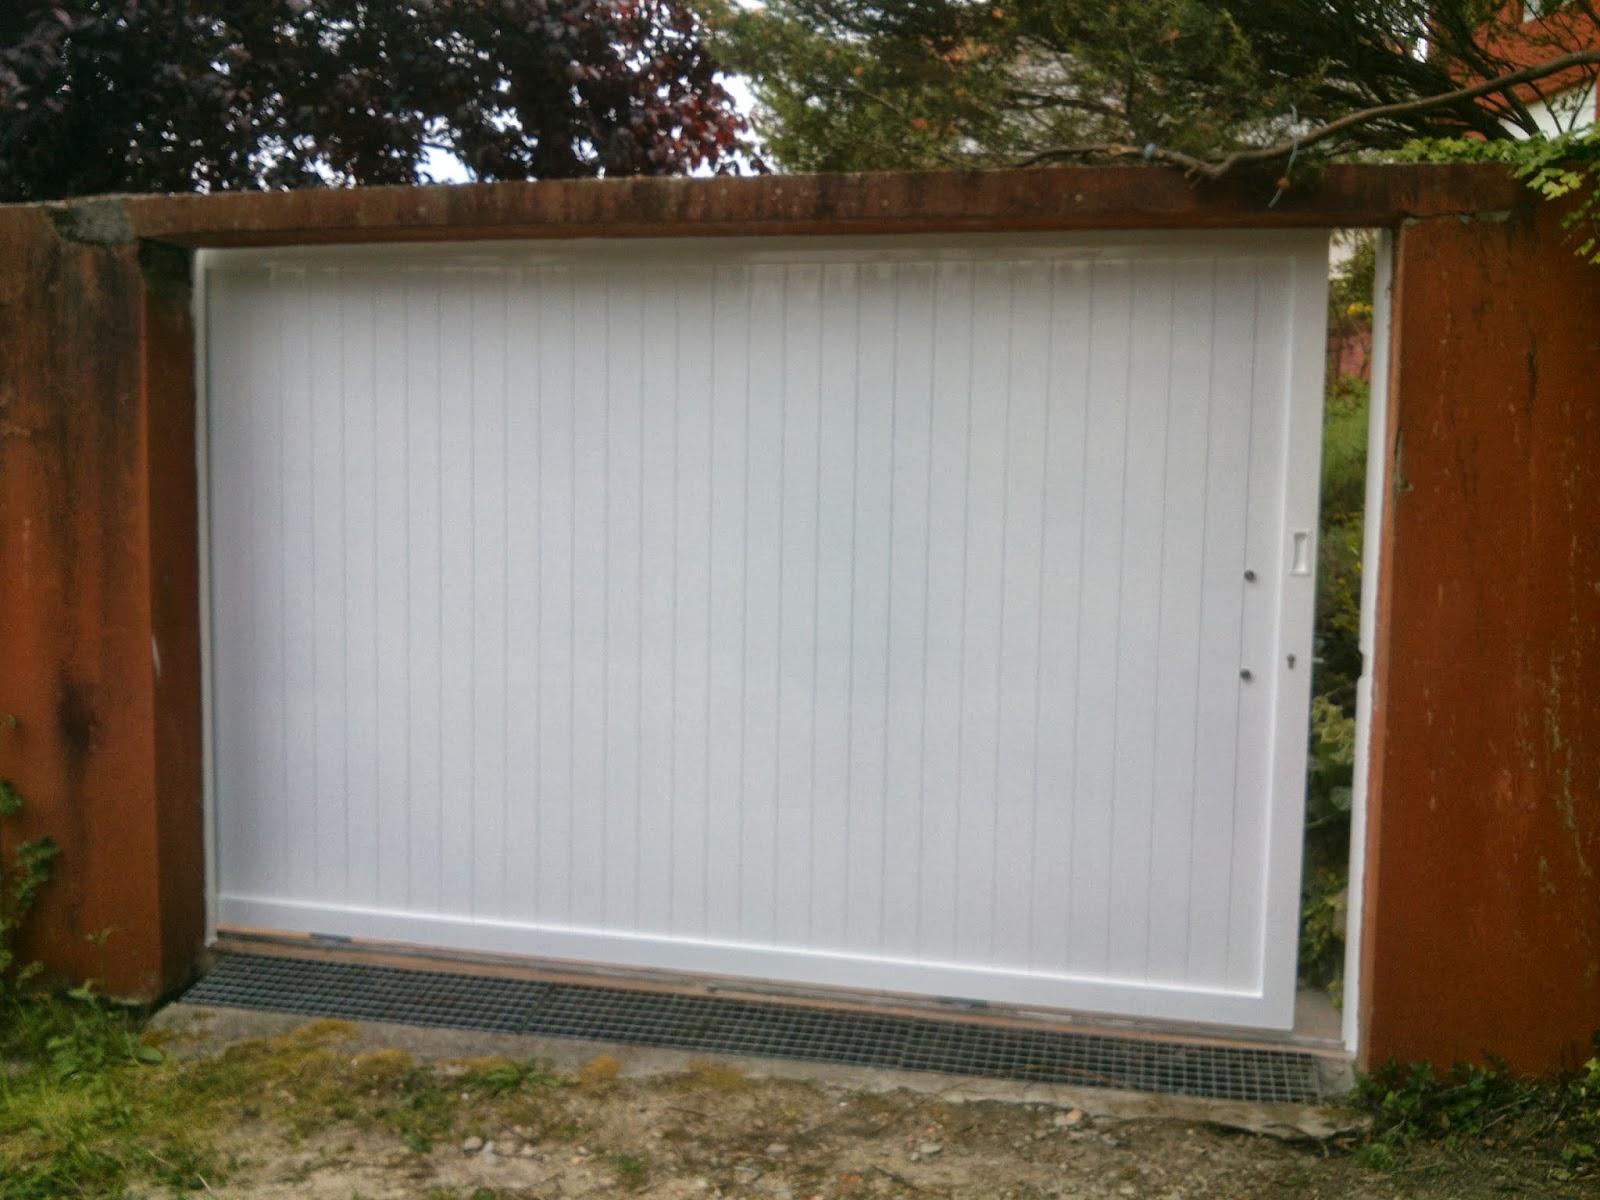 Carpinter a de aluminio silva barandillas y portales - Carpinteria de aluminio en vigo ...